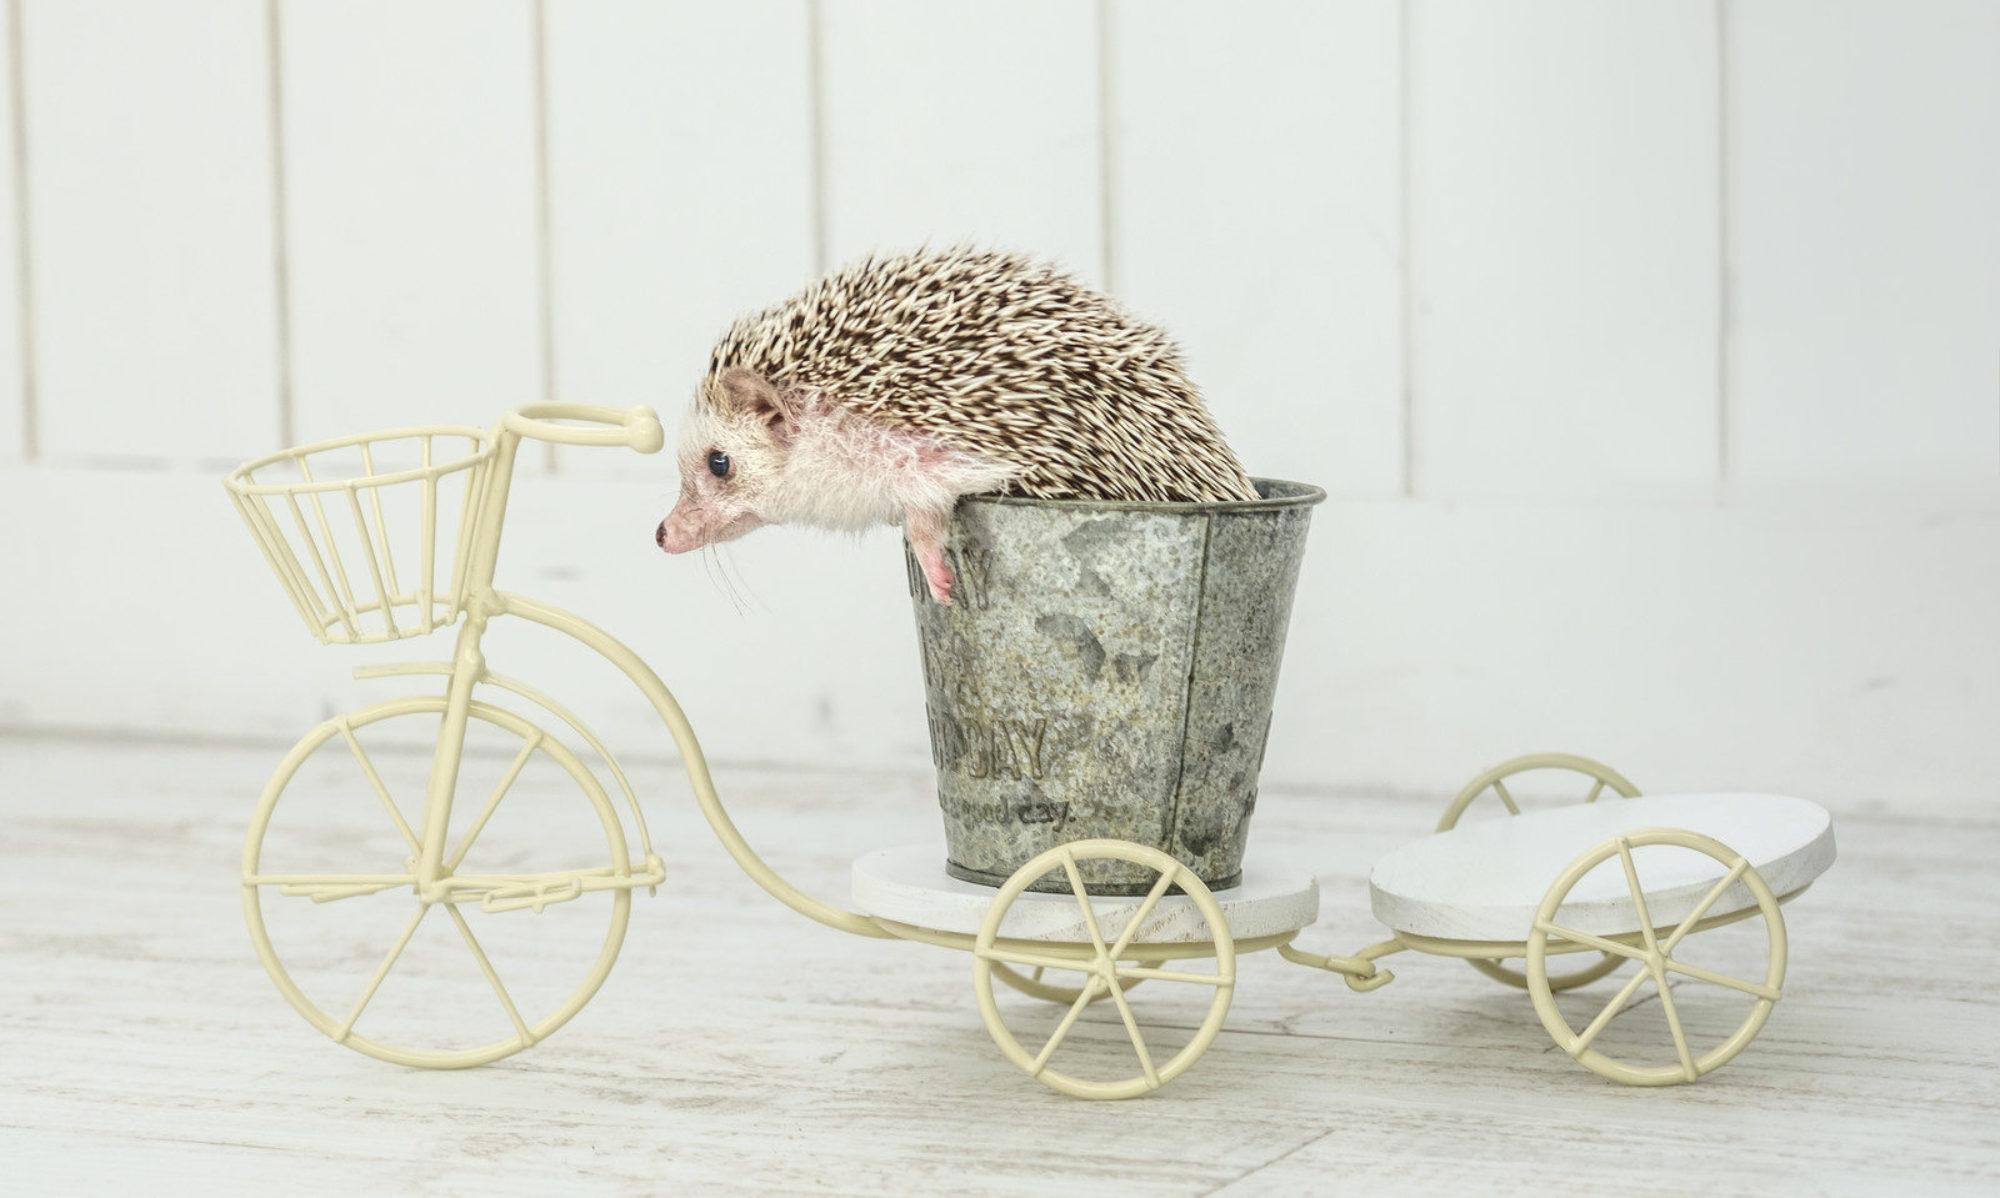 乗りやすい自転車はこれだ